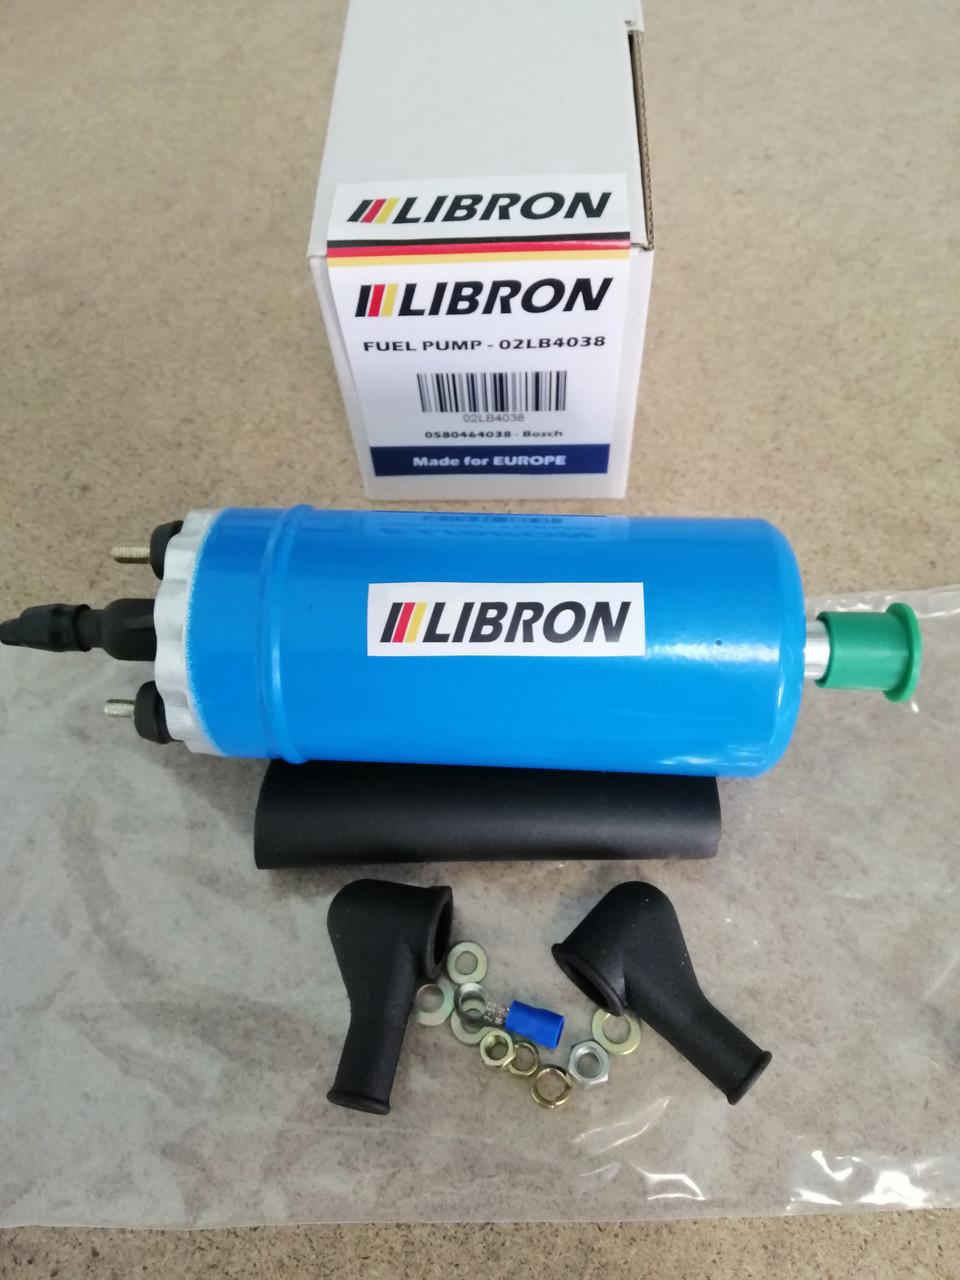 Бензонасос LIBRON 02LB4038 - Ситроен BX (XB-_) 19 GTi 16V (1988-1993)